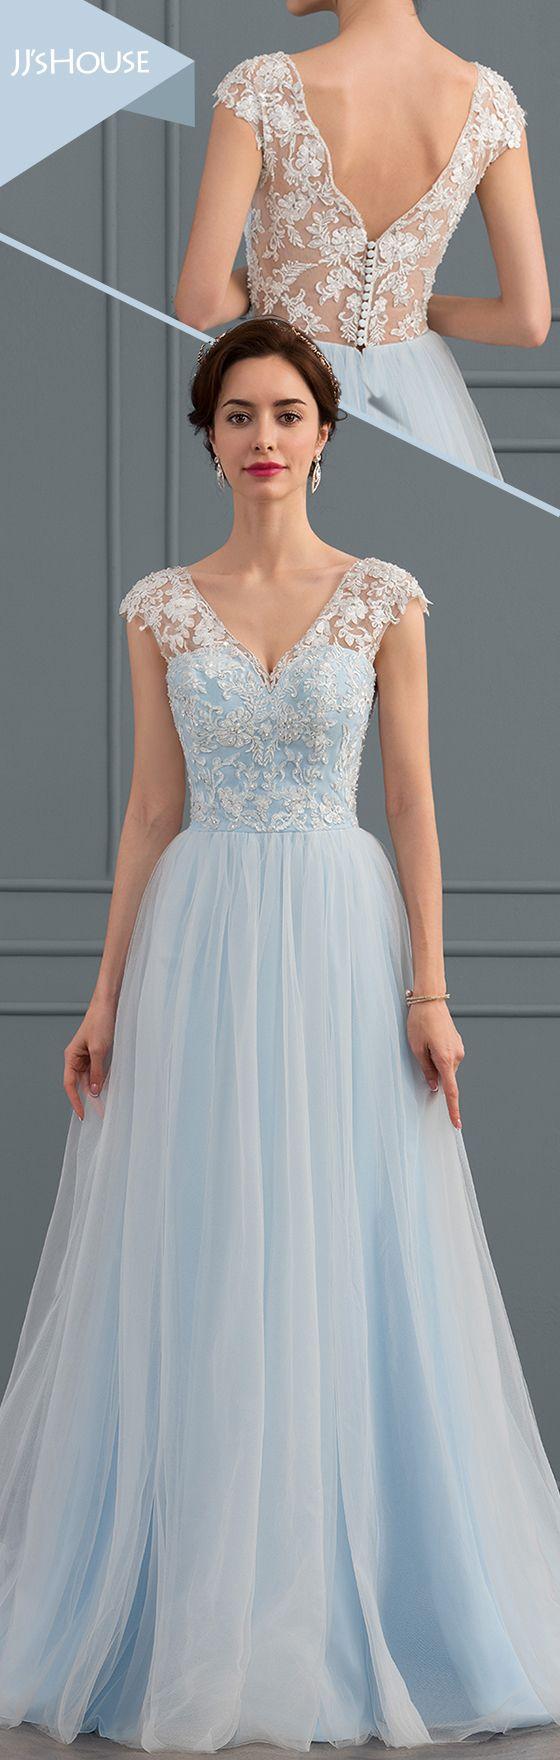 The 905 best JJ\'s House Wedding Dresses images on Pinterest